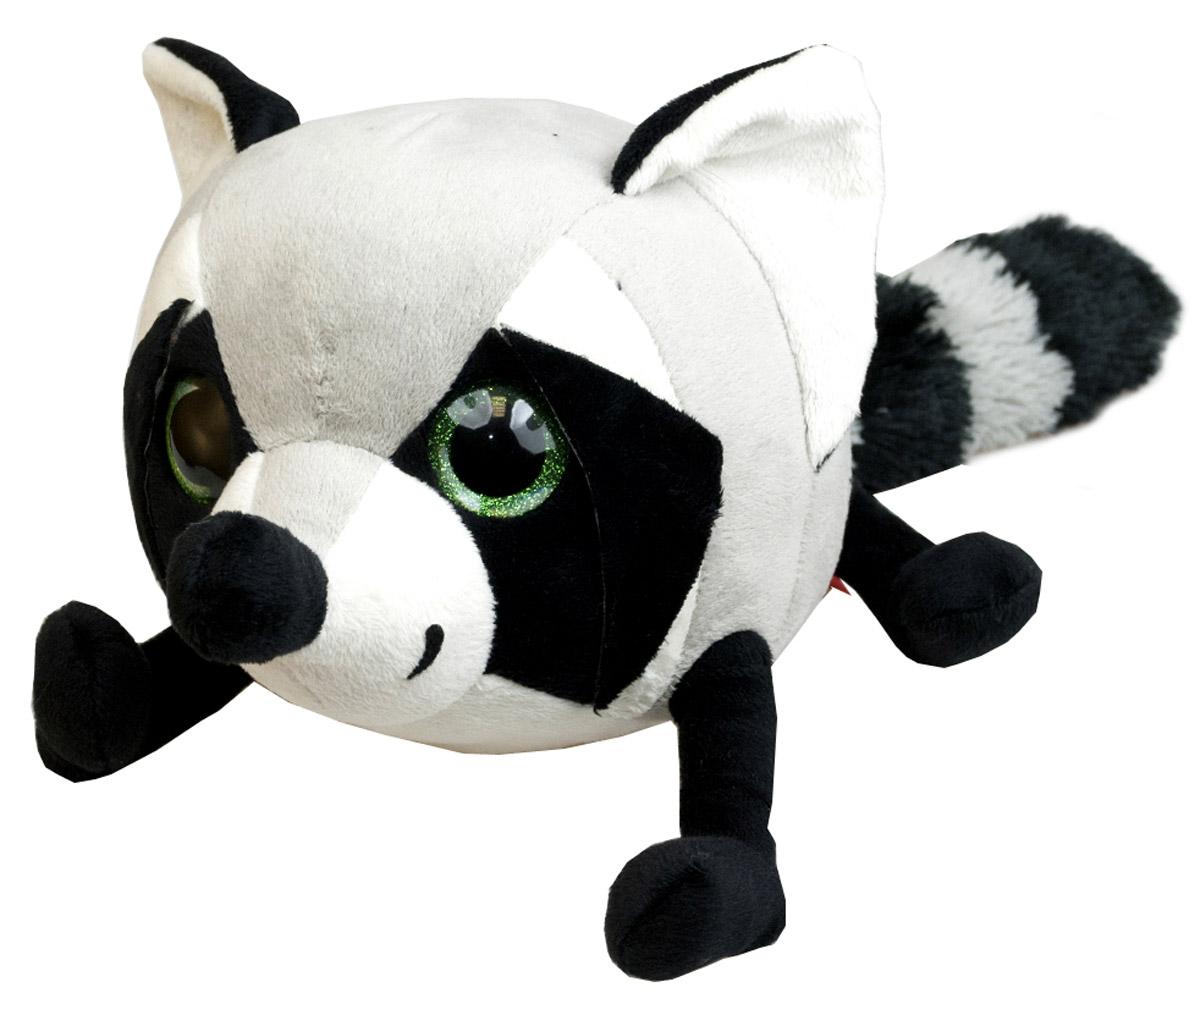 Fancy Мягкая игрушка Енот 21 см мягкая игрушка енот в саратове